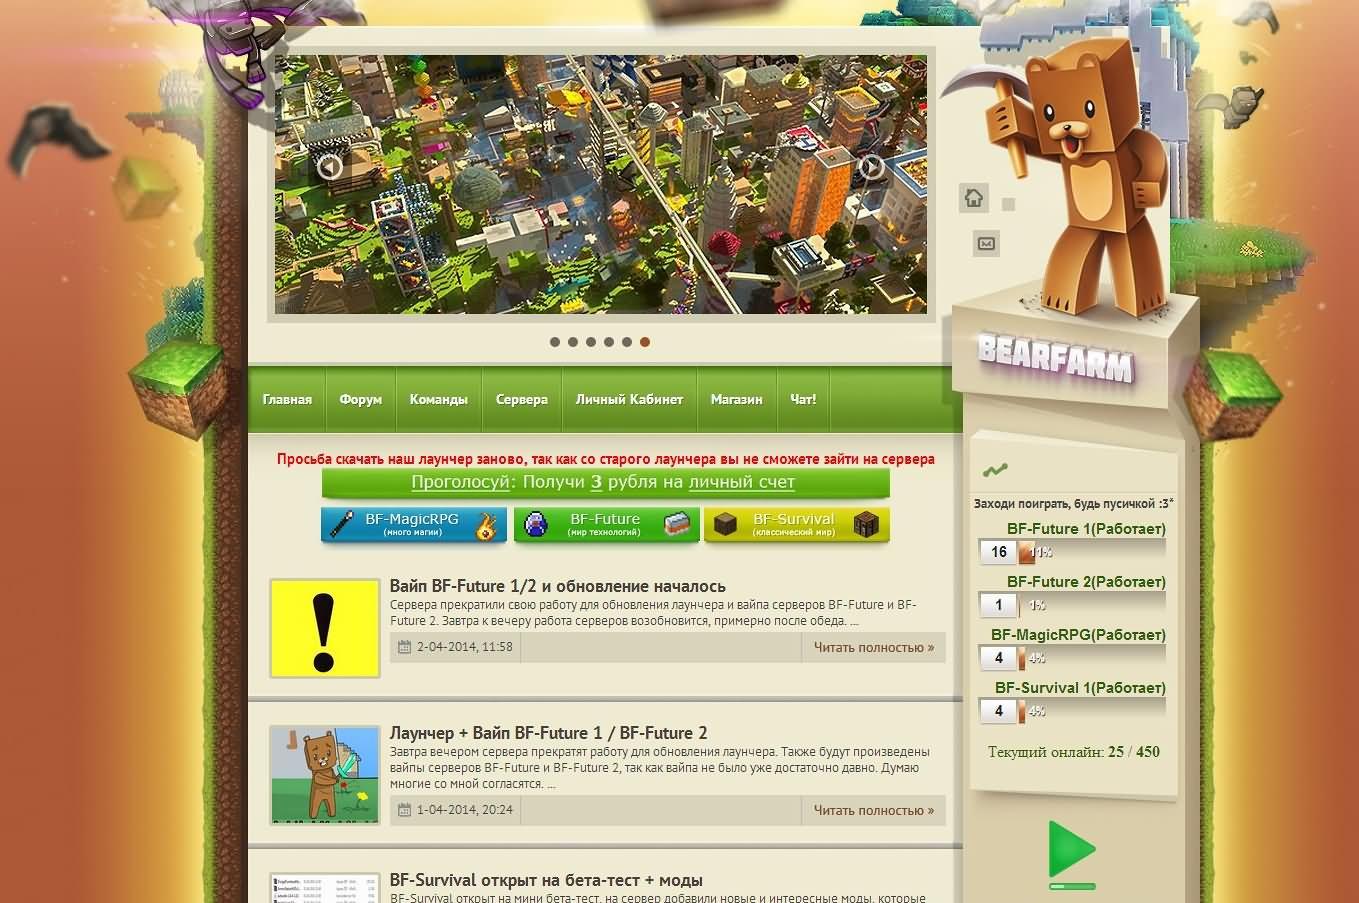 Дизайн сайта minecraft